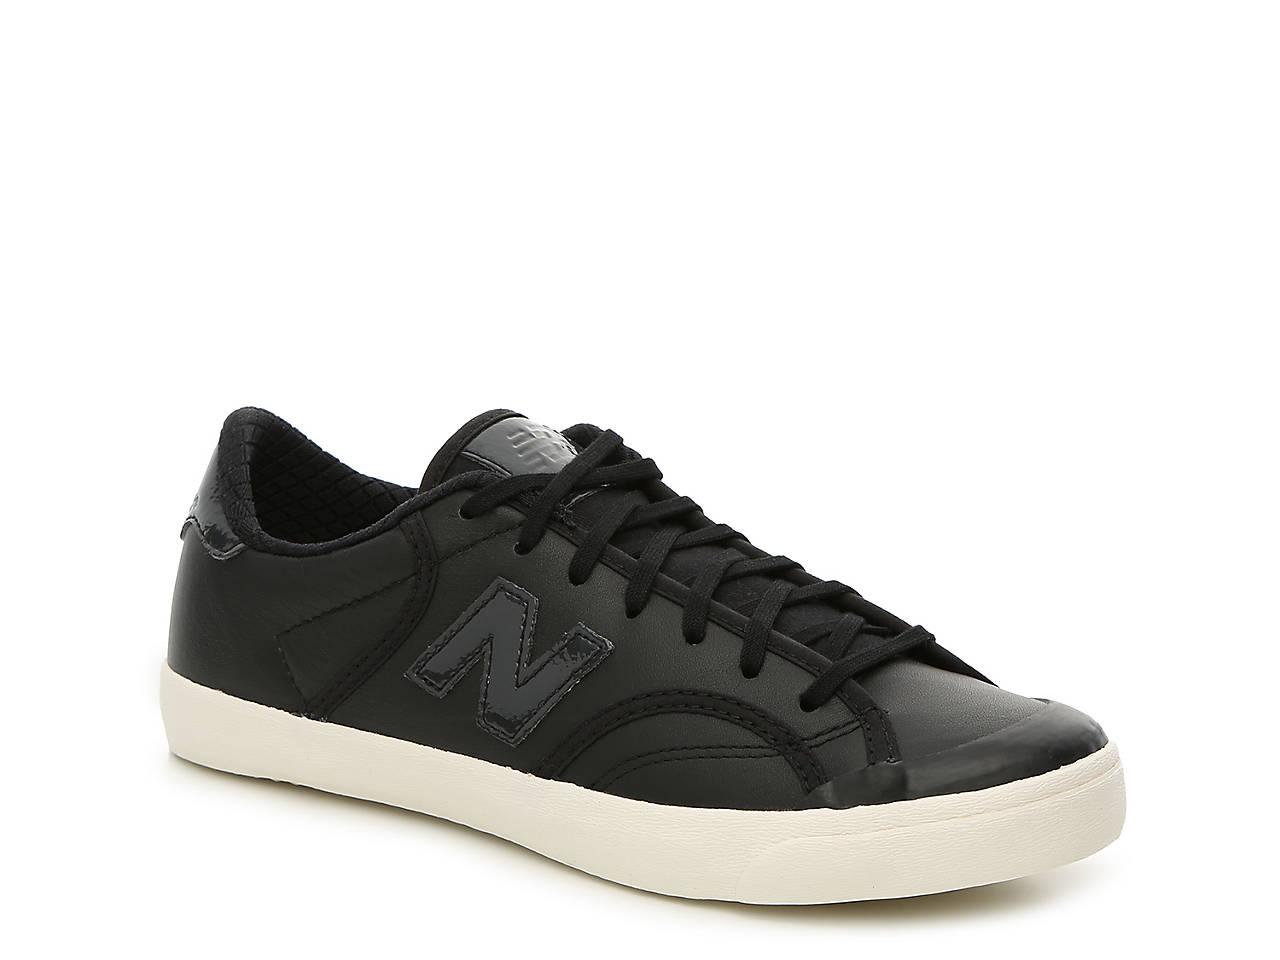 7b42ca76e5 Classic Pro Court Leather Sneaker - Women's